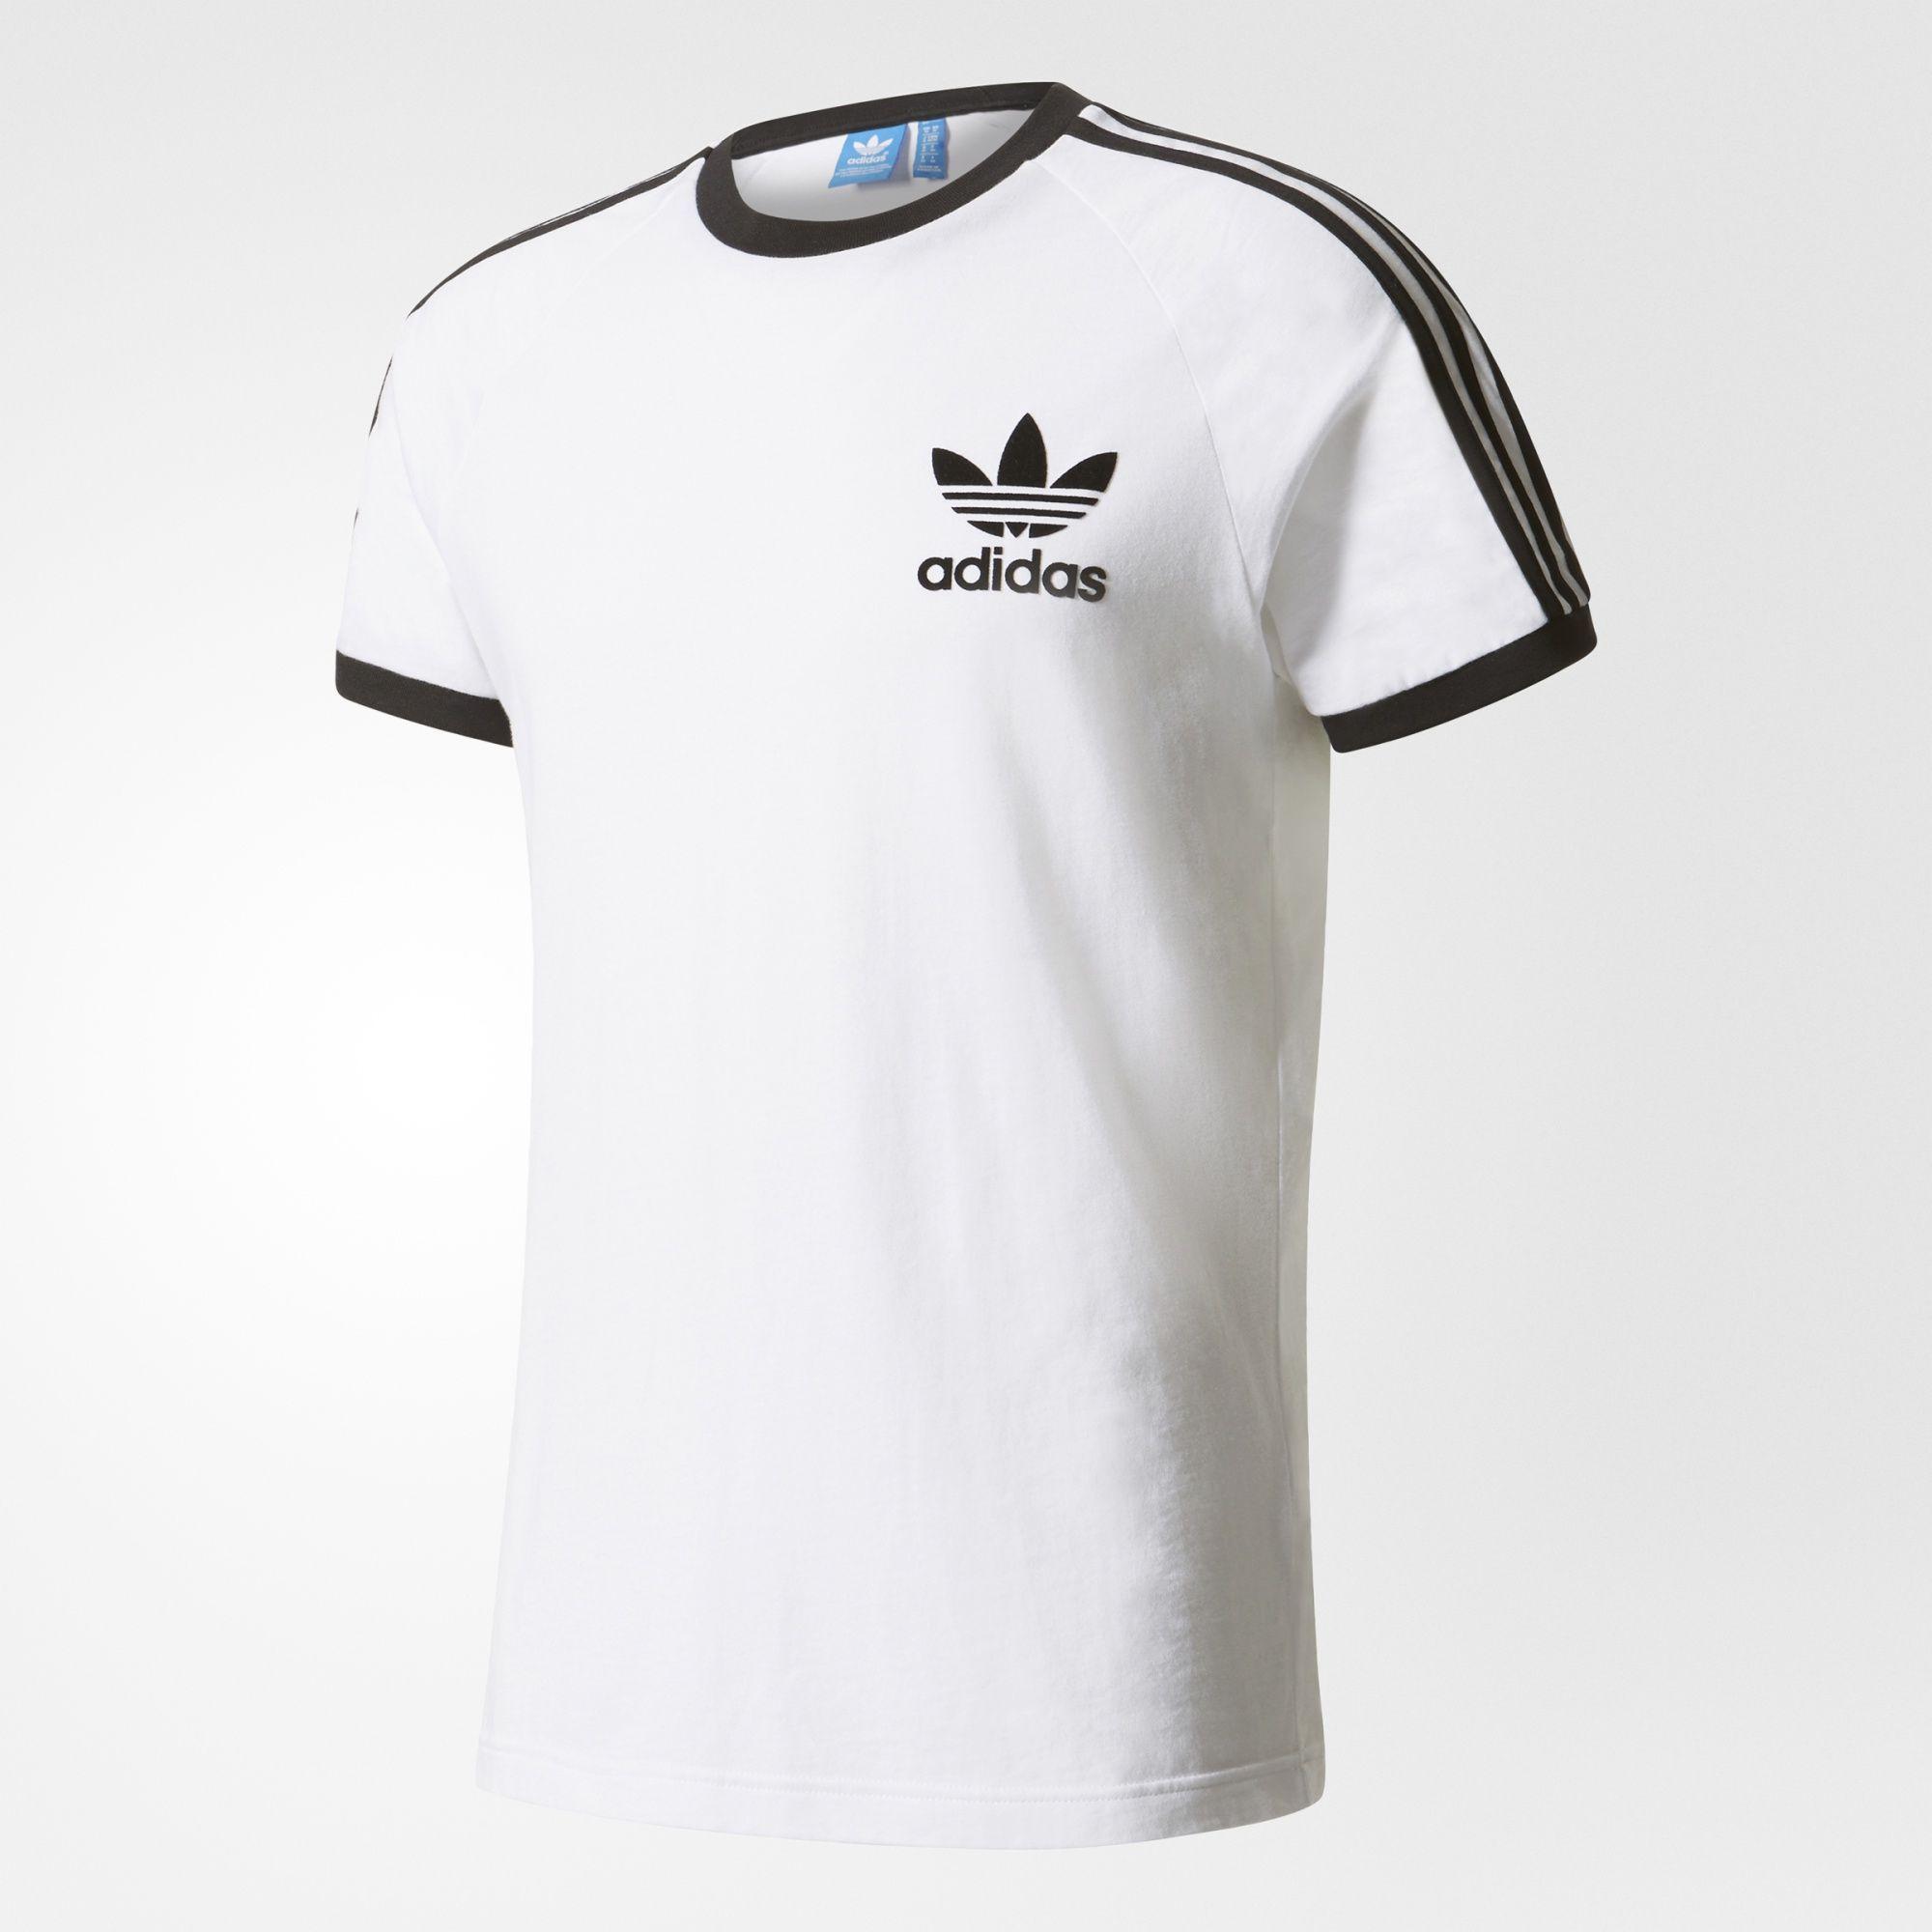 Regreso gatito saludo  adidas - Camiseta CLFN | Camisetas deportivas, Adidas para hombres, Camisas  blancas hombre